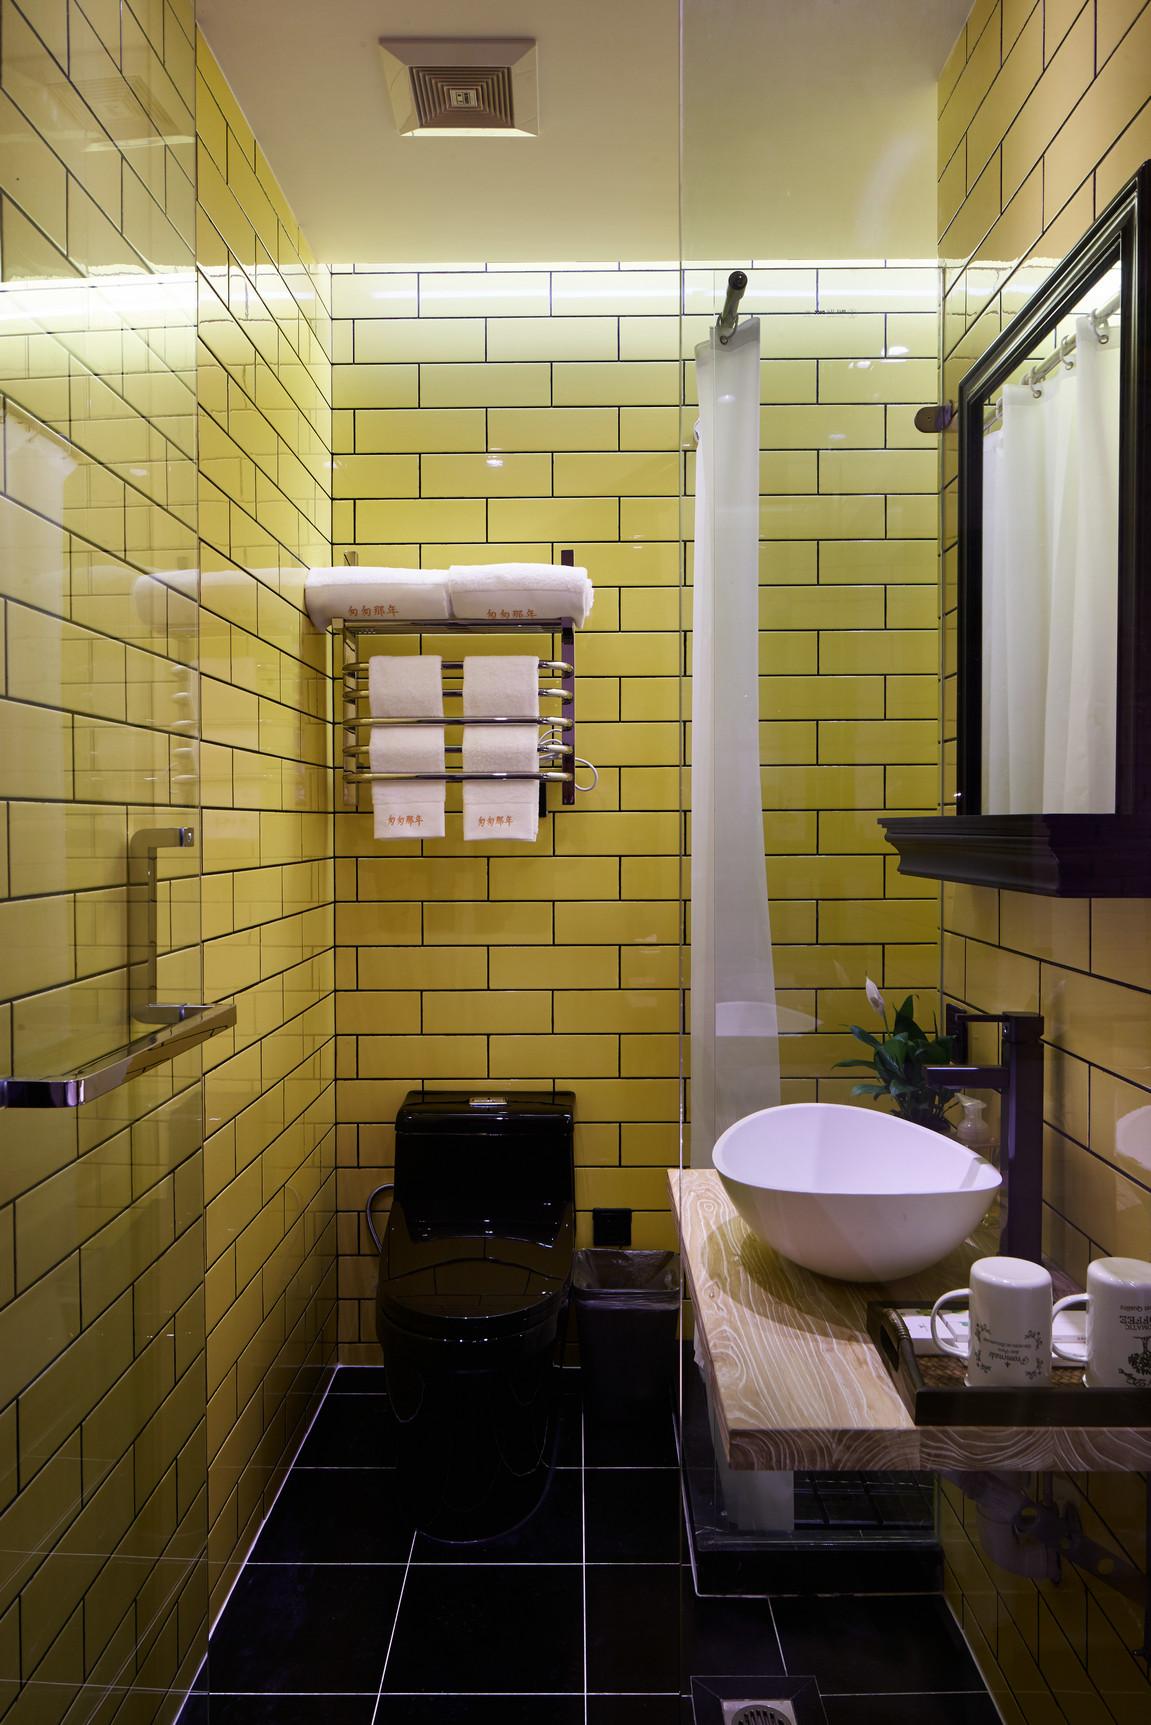 混搭 别墅 80后 卫生间图片来自上海倾雅装饰有限公司在初夏的时光的分享